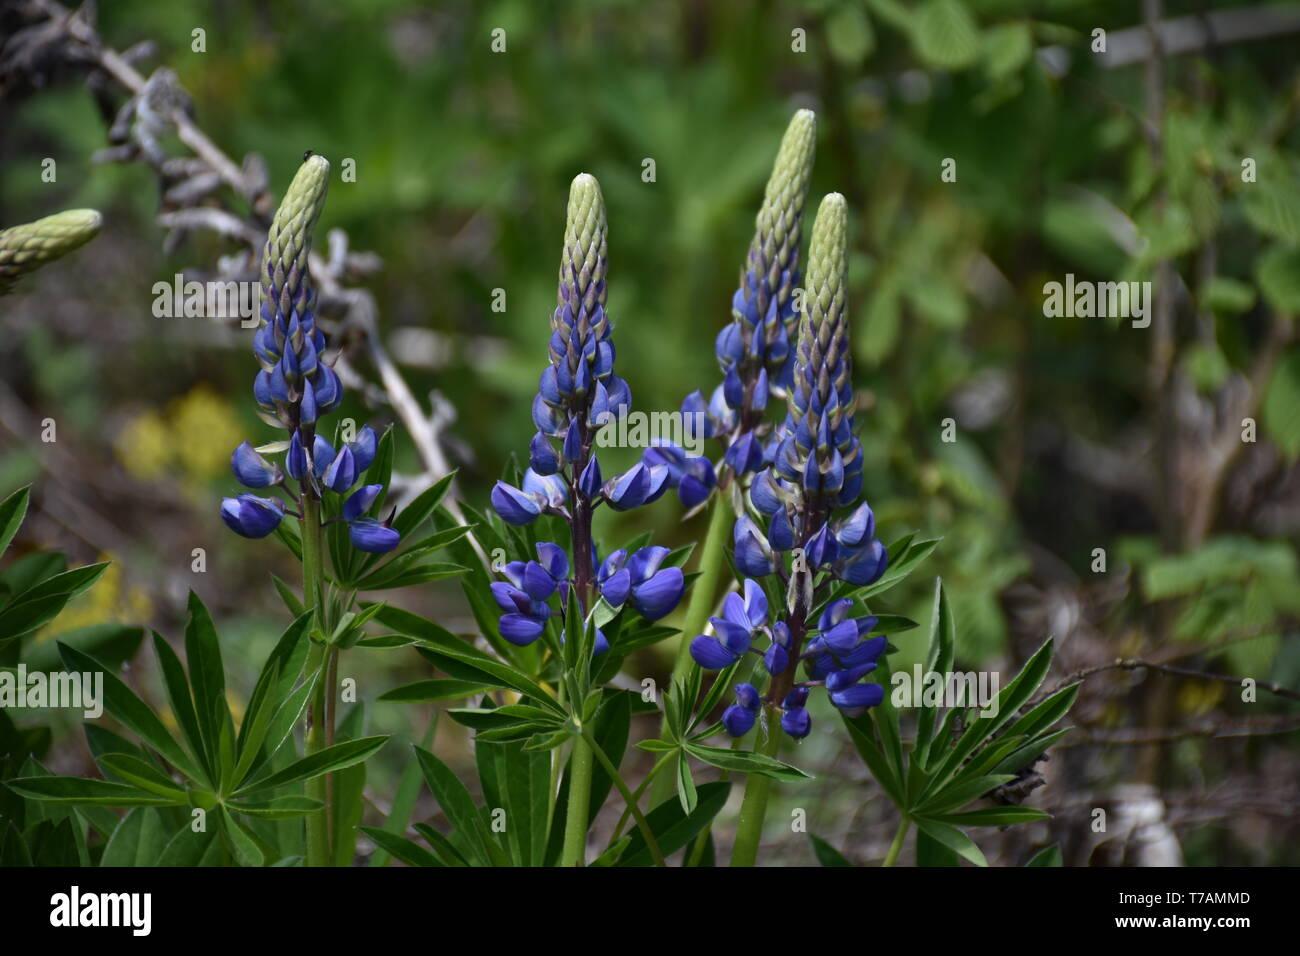 Frühling, Jahreszeit, Blume, Blumen, blühen, wachsen, gedeihen, Wald, Frühlingsgruß, Blüte, Blüten, Blütenpracht, Wiese, Waldwiese, Lichtung, Waldlich - Stock Image